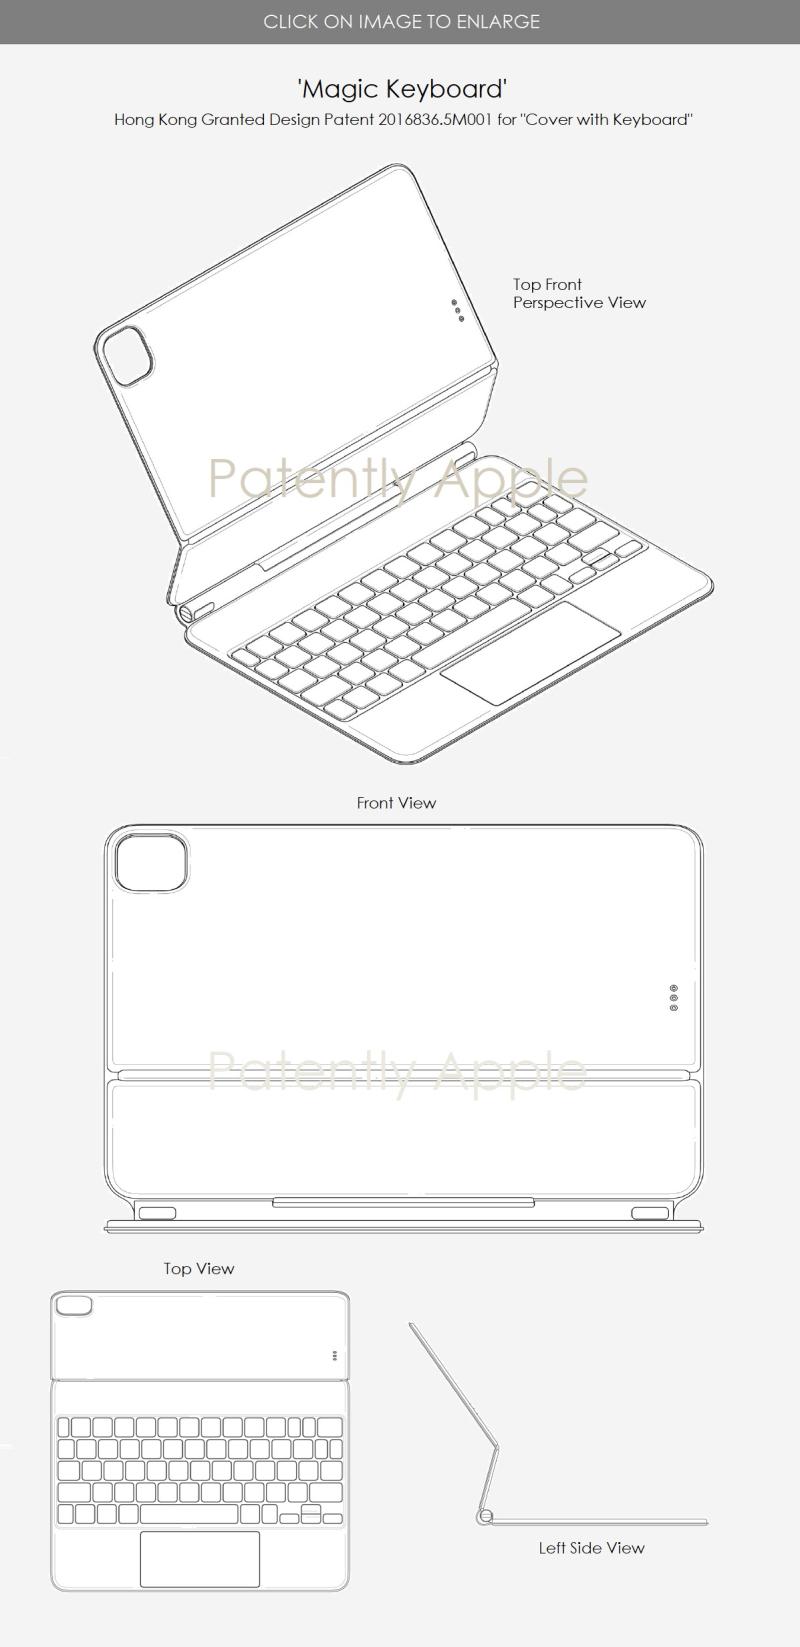 2 X Design Patent 2016836.5M001